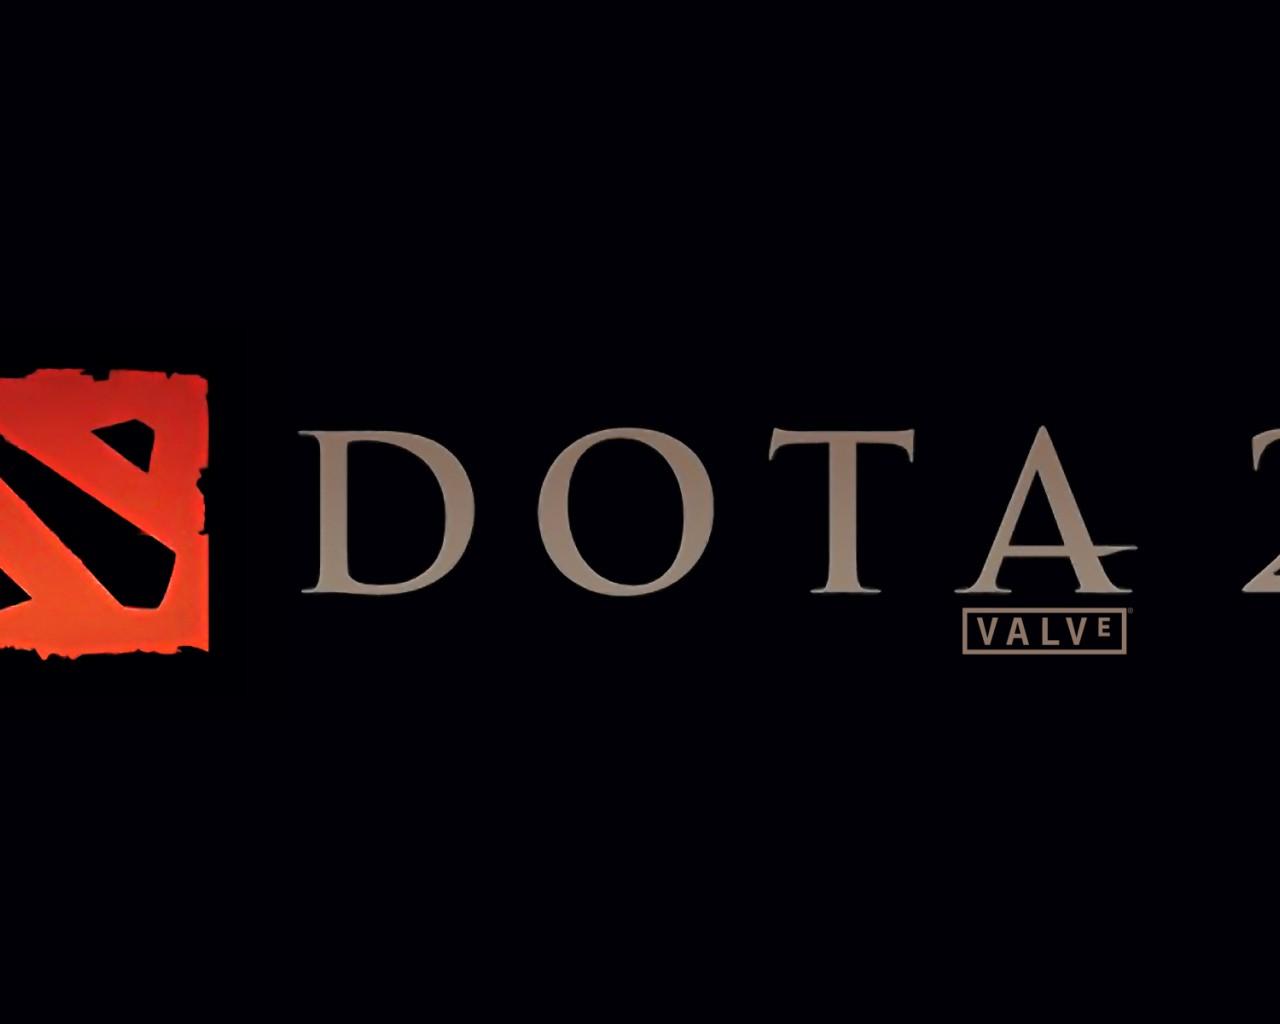 Dota2, Черный фон огромное разрешение 2500х1500 Valve